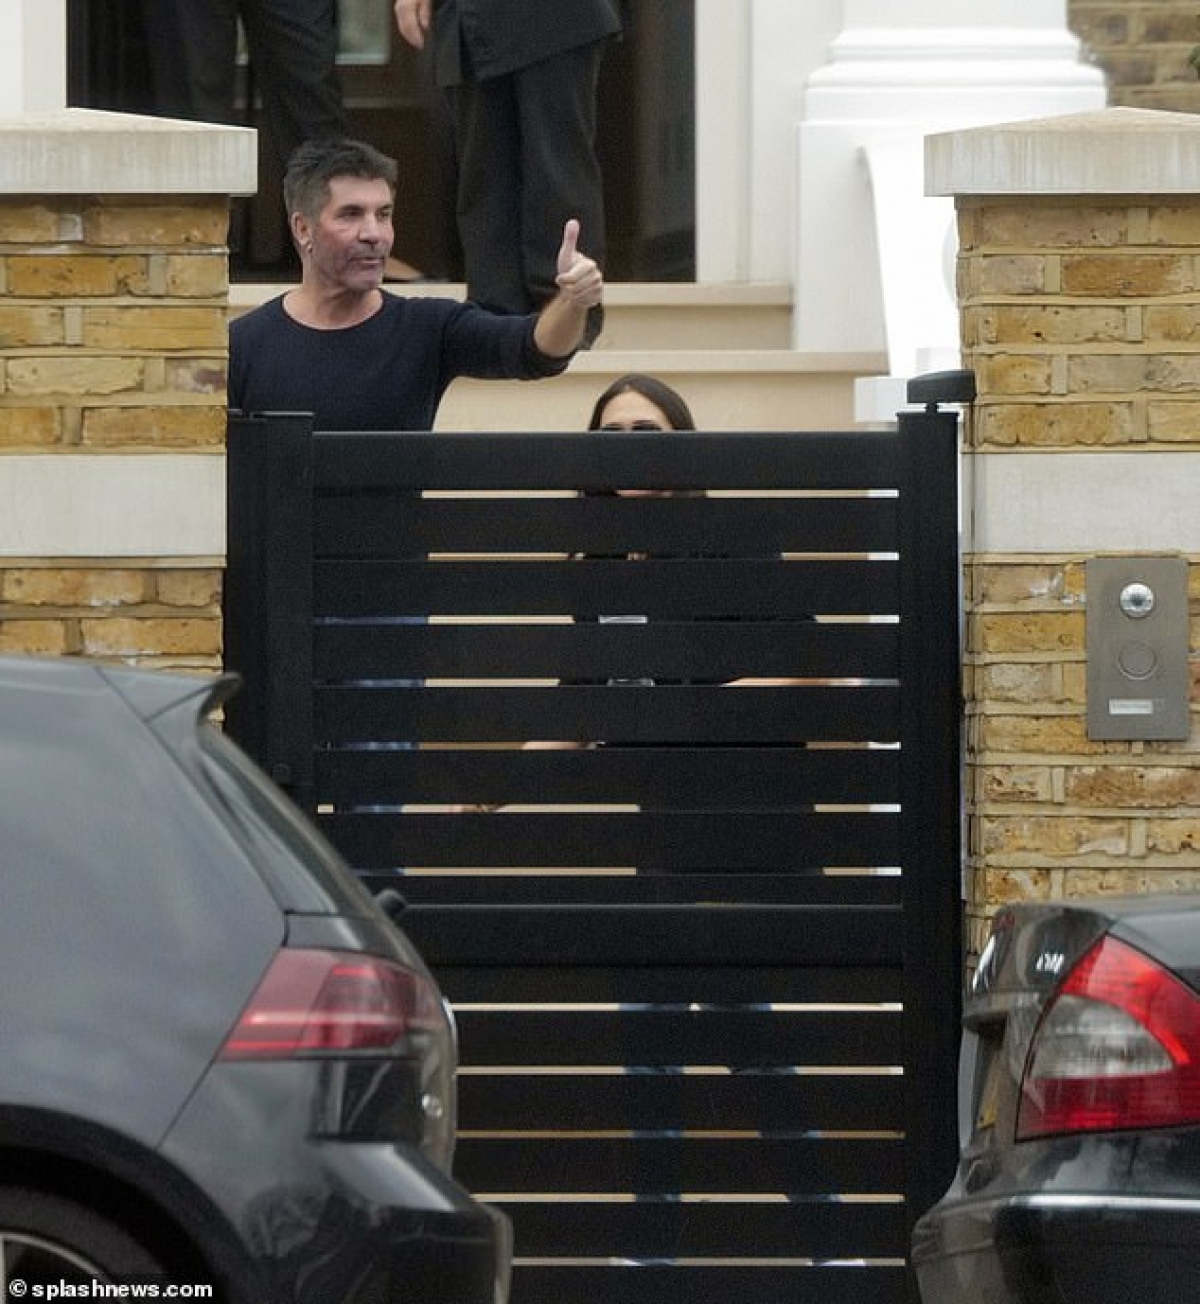 Simon Cowell hiện đang có cuộc sống hạnh phúc bên bạn gái và các con./.